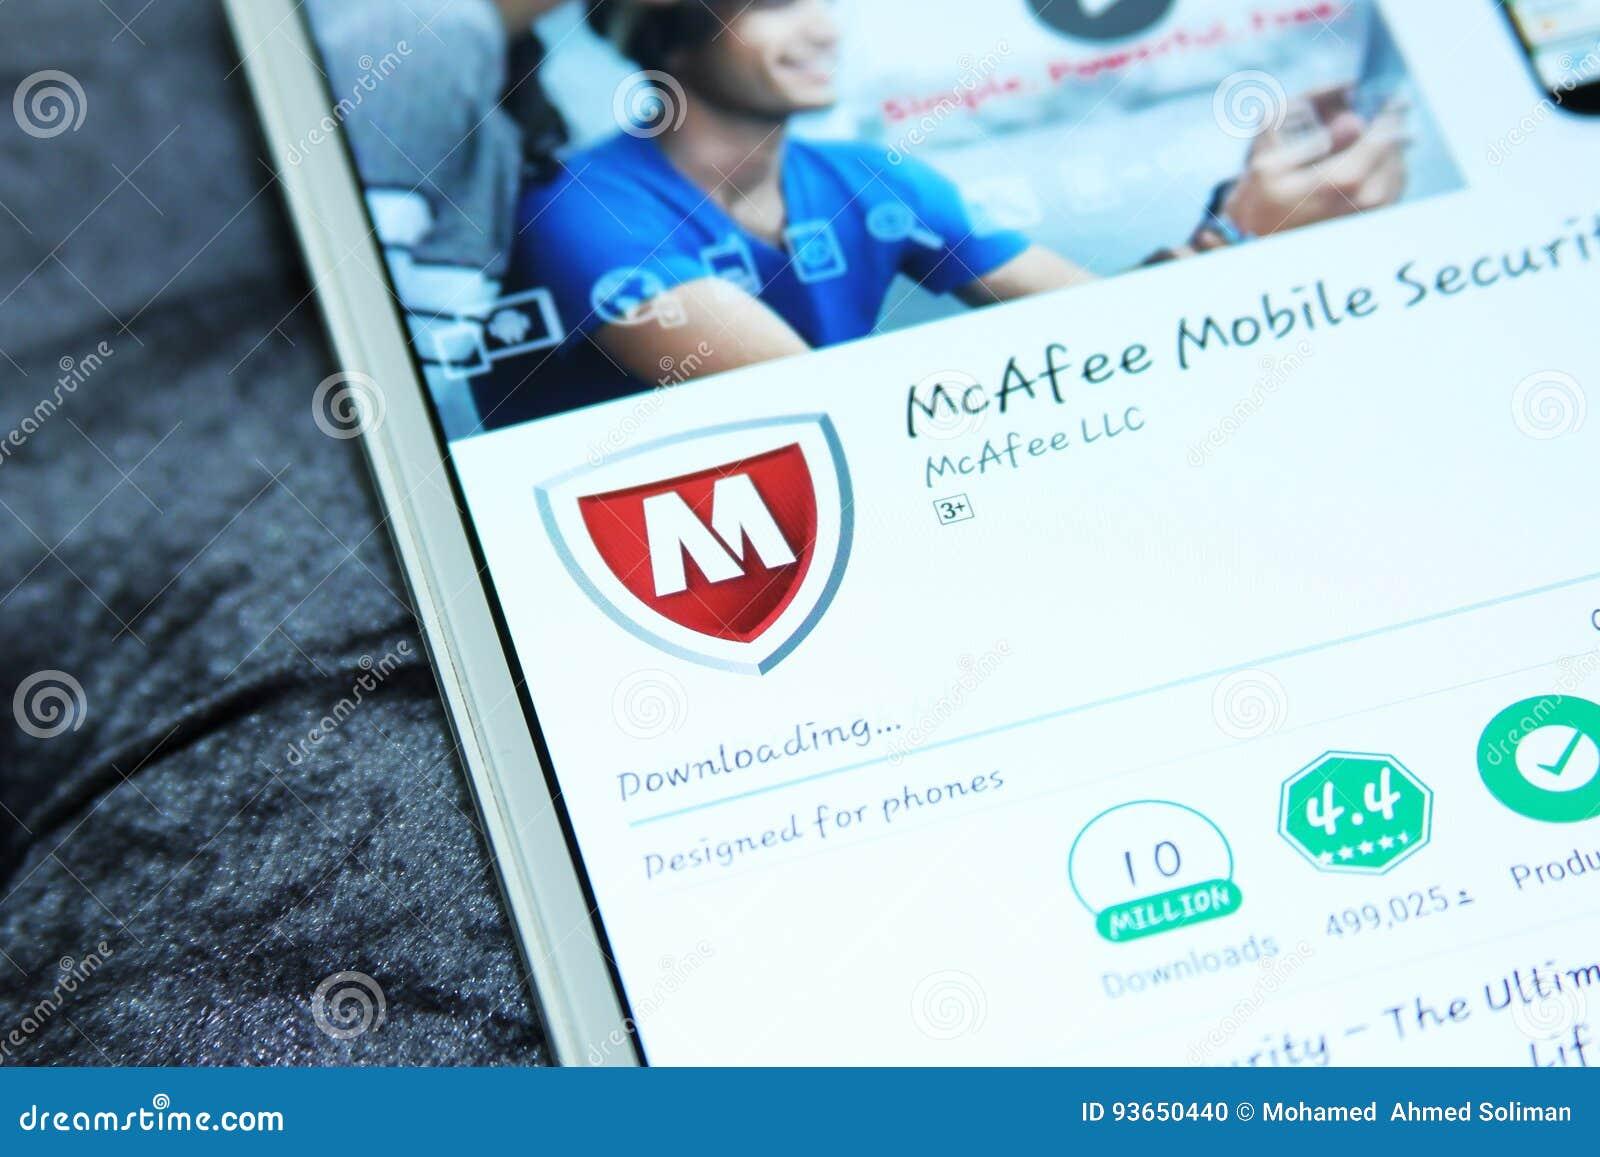 Mcafee antivirus free download deutsch